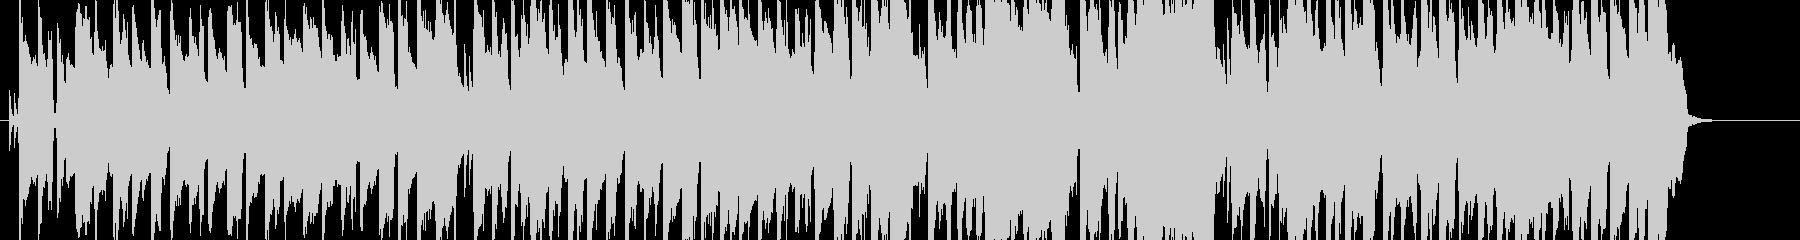 小学校の音楽室から聞こえてくるような演奏の未再生の波形